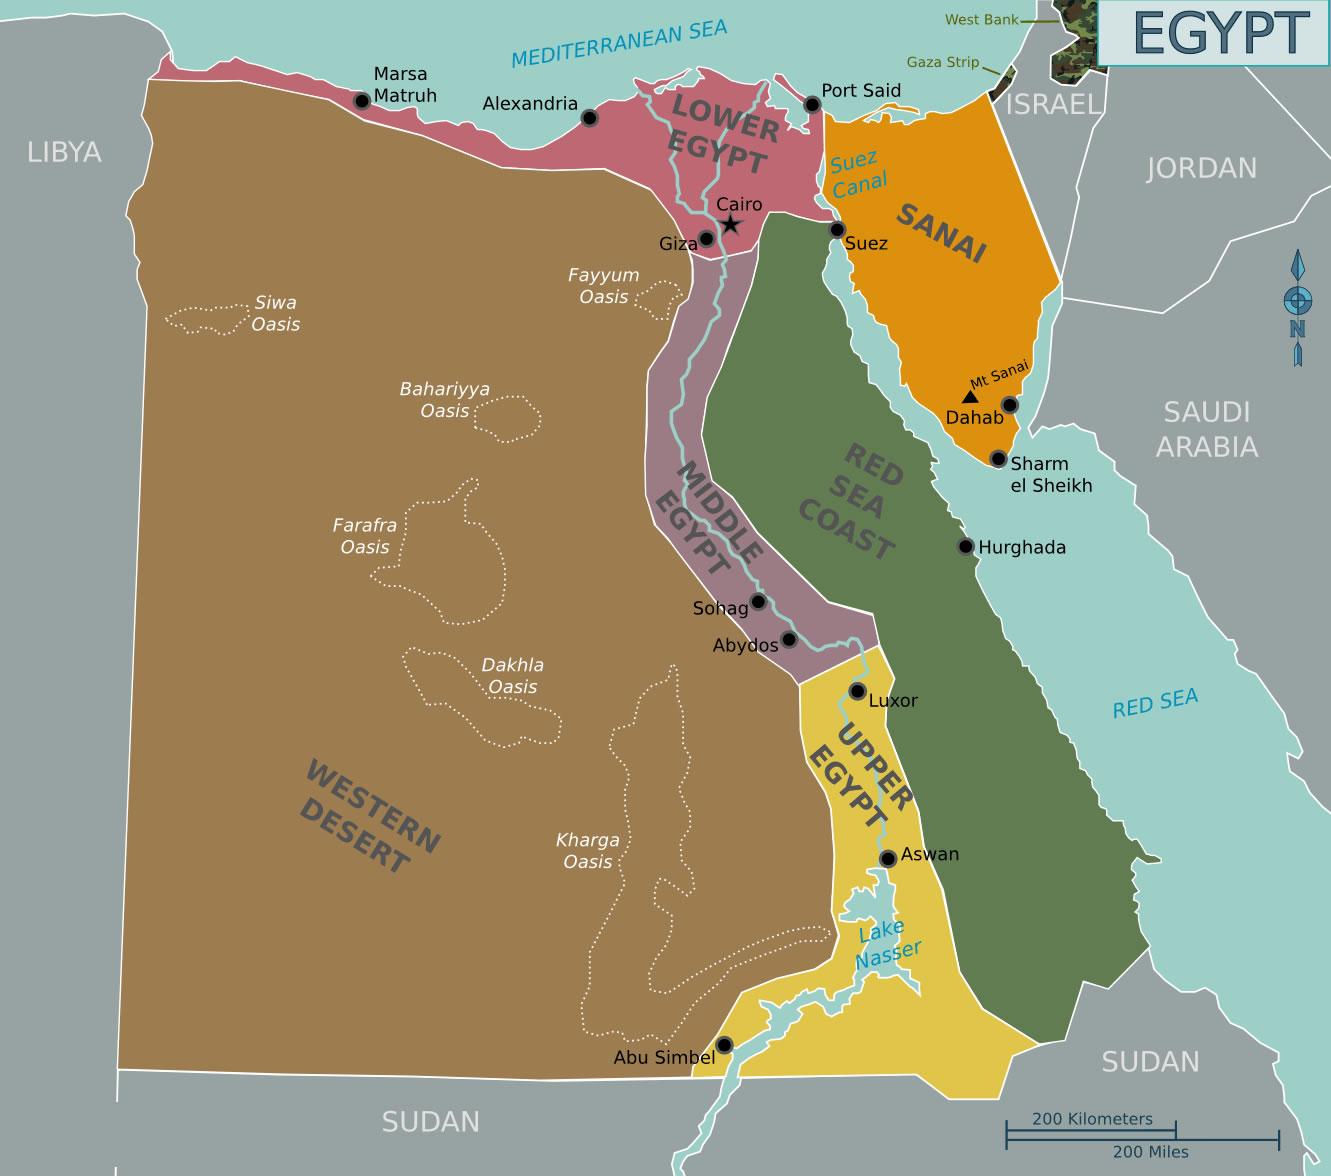 Carte r gions gypte couleur carte des r gions de l 39 gypte en couleur - Couleur du monde kenya ...